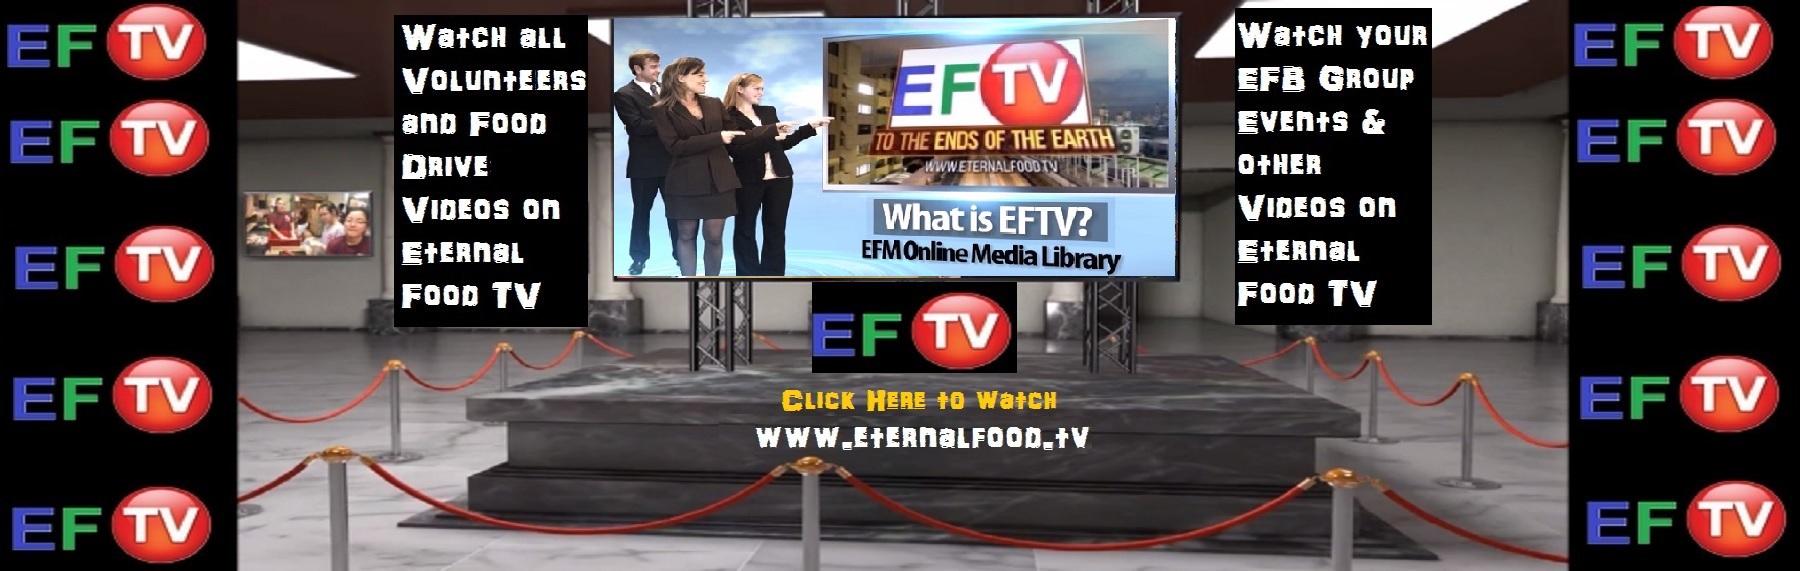 eftv-EFEO